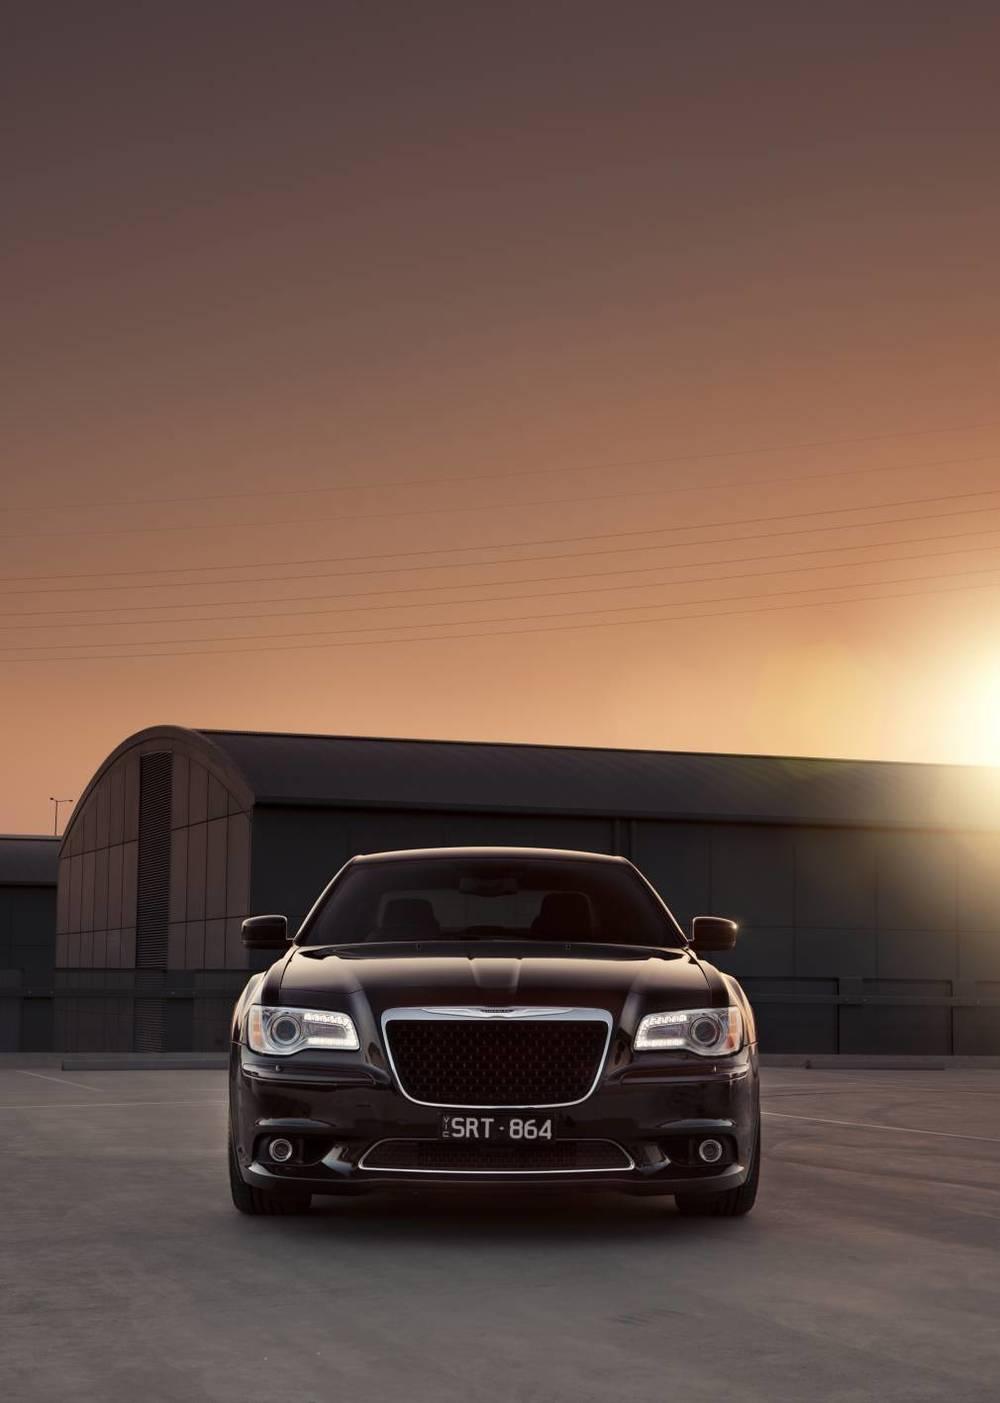 2014 Chrysler 300 SRT8 Core front 3.jpg